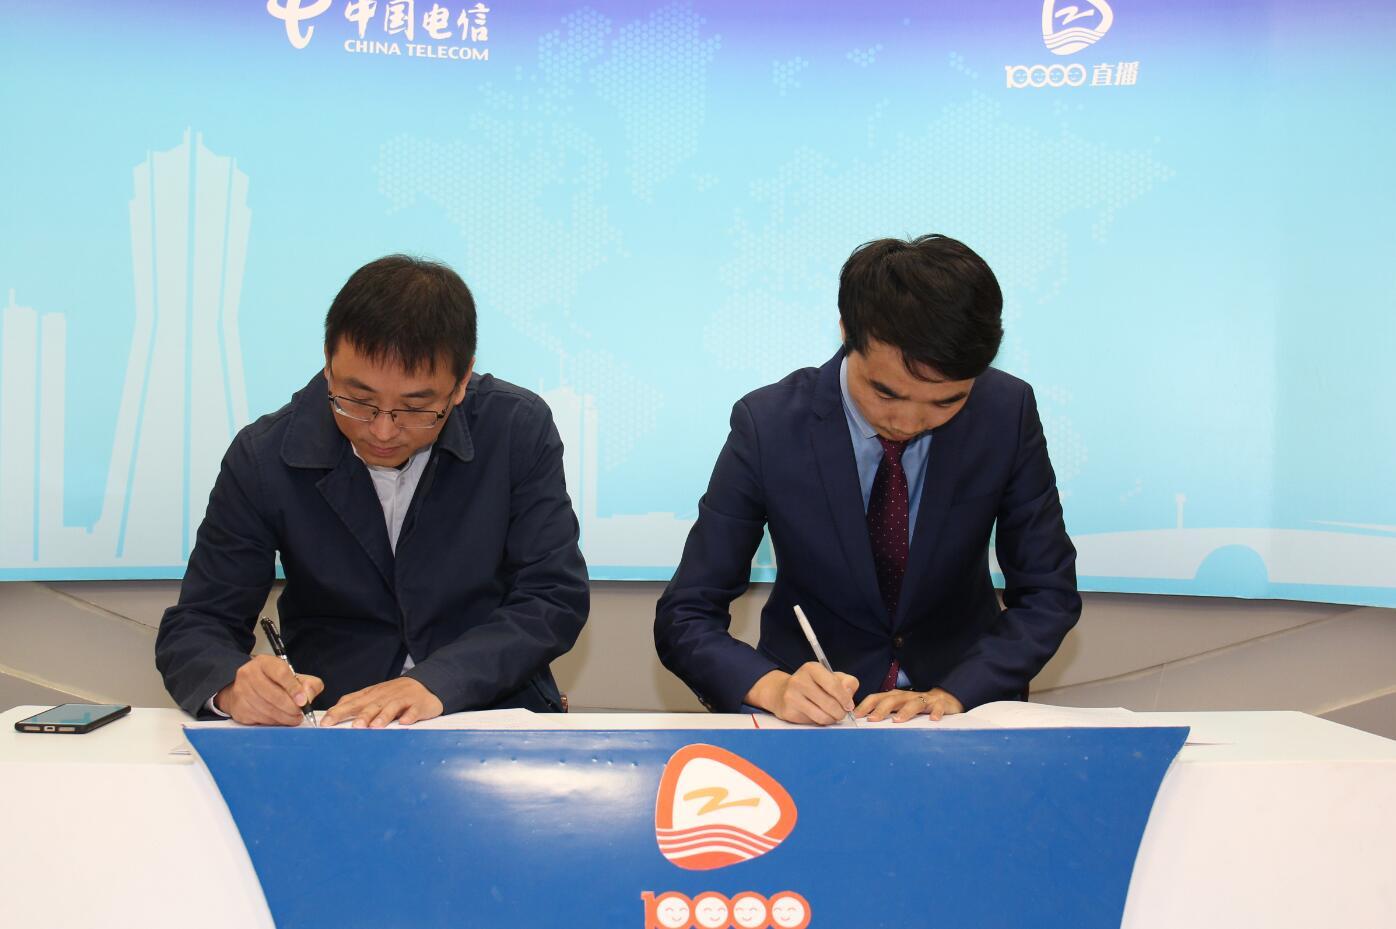 协同合作·互惠共赢:浙江电信万号大学与才博(中国)学习管理机构签署战略合作协议